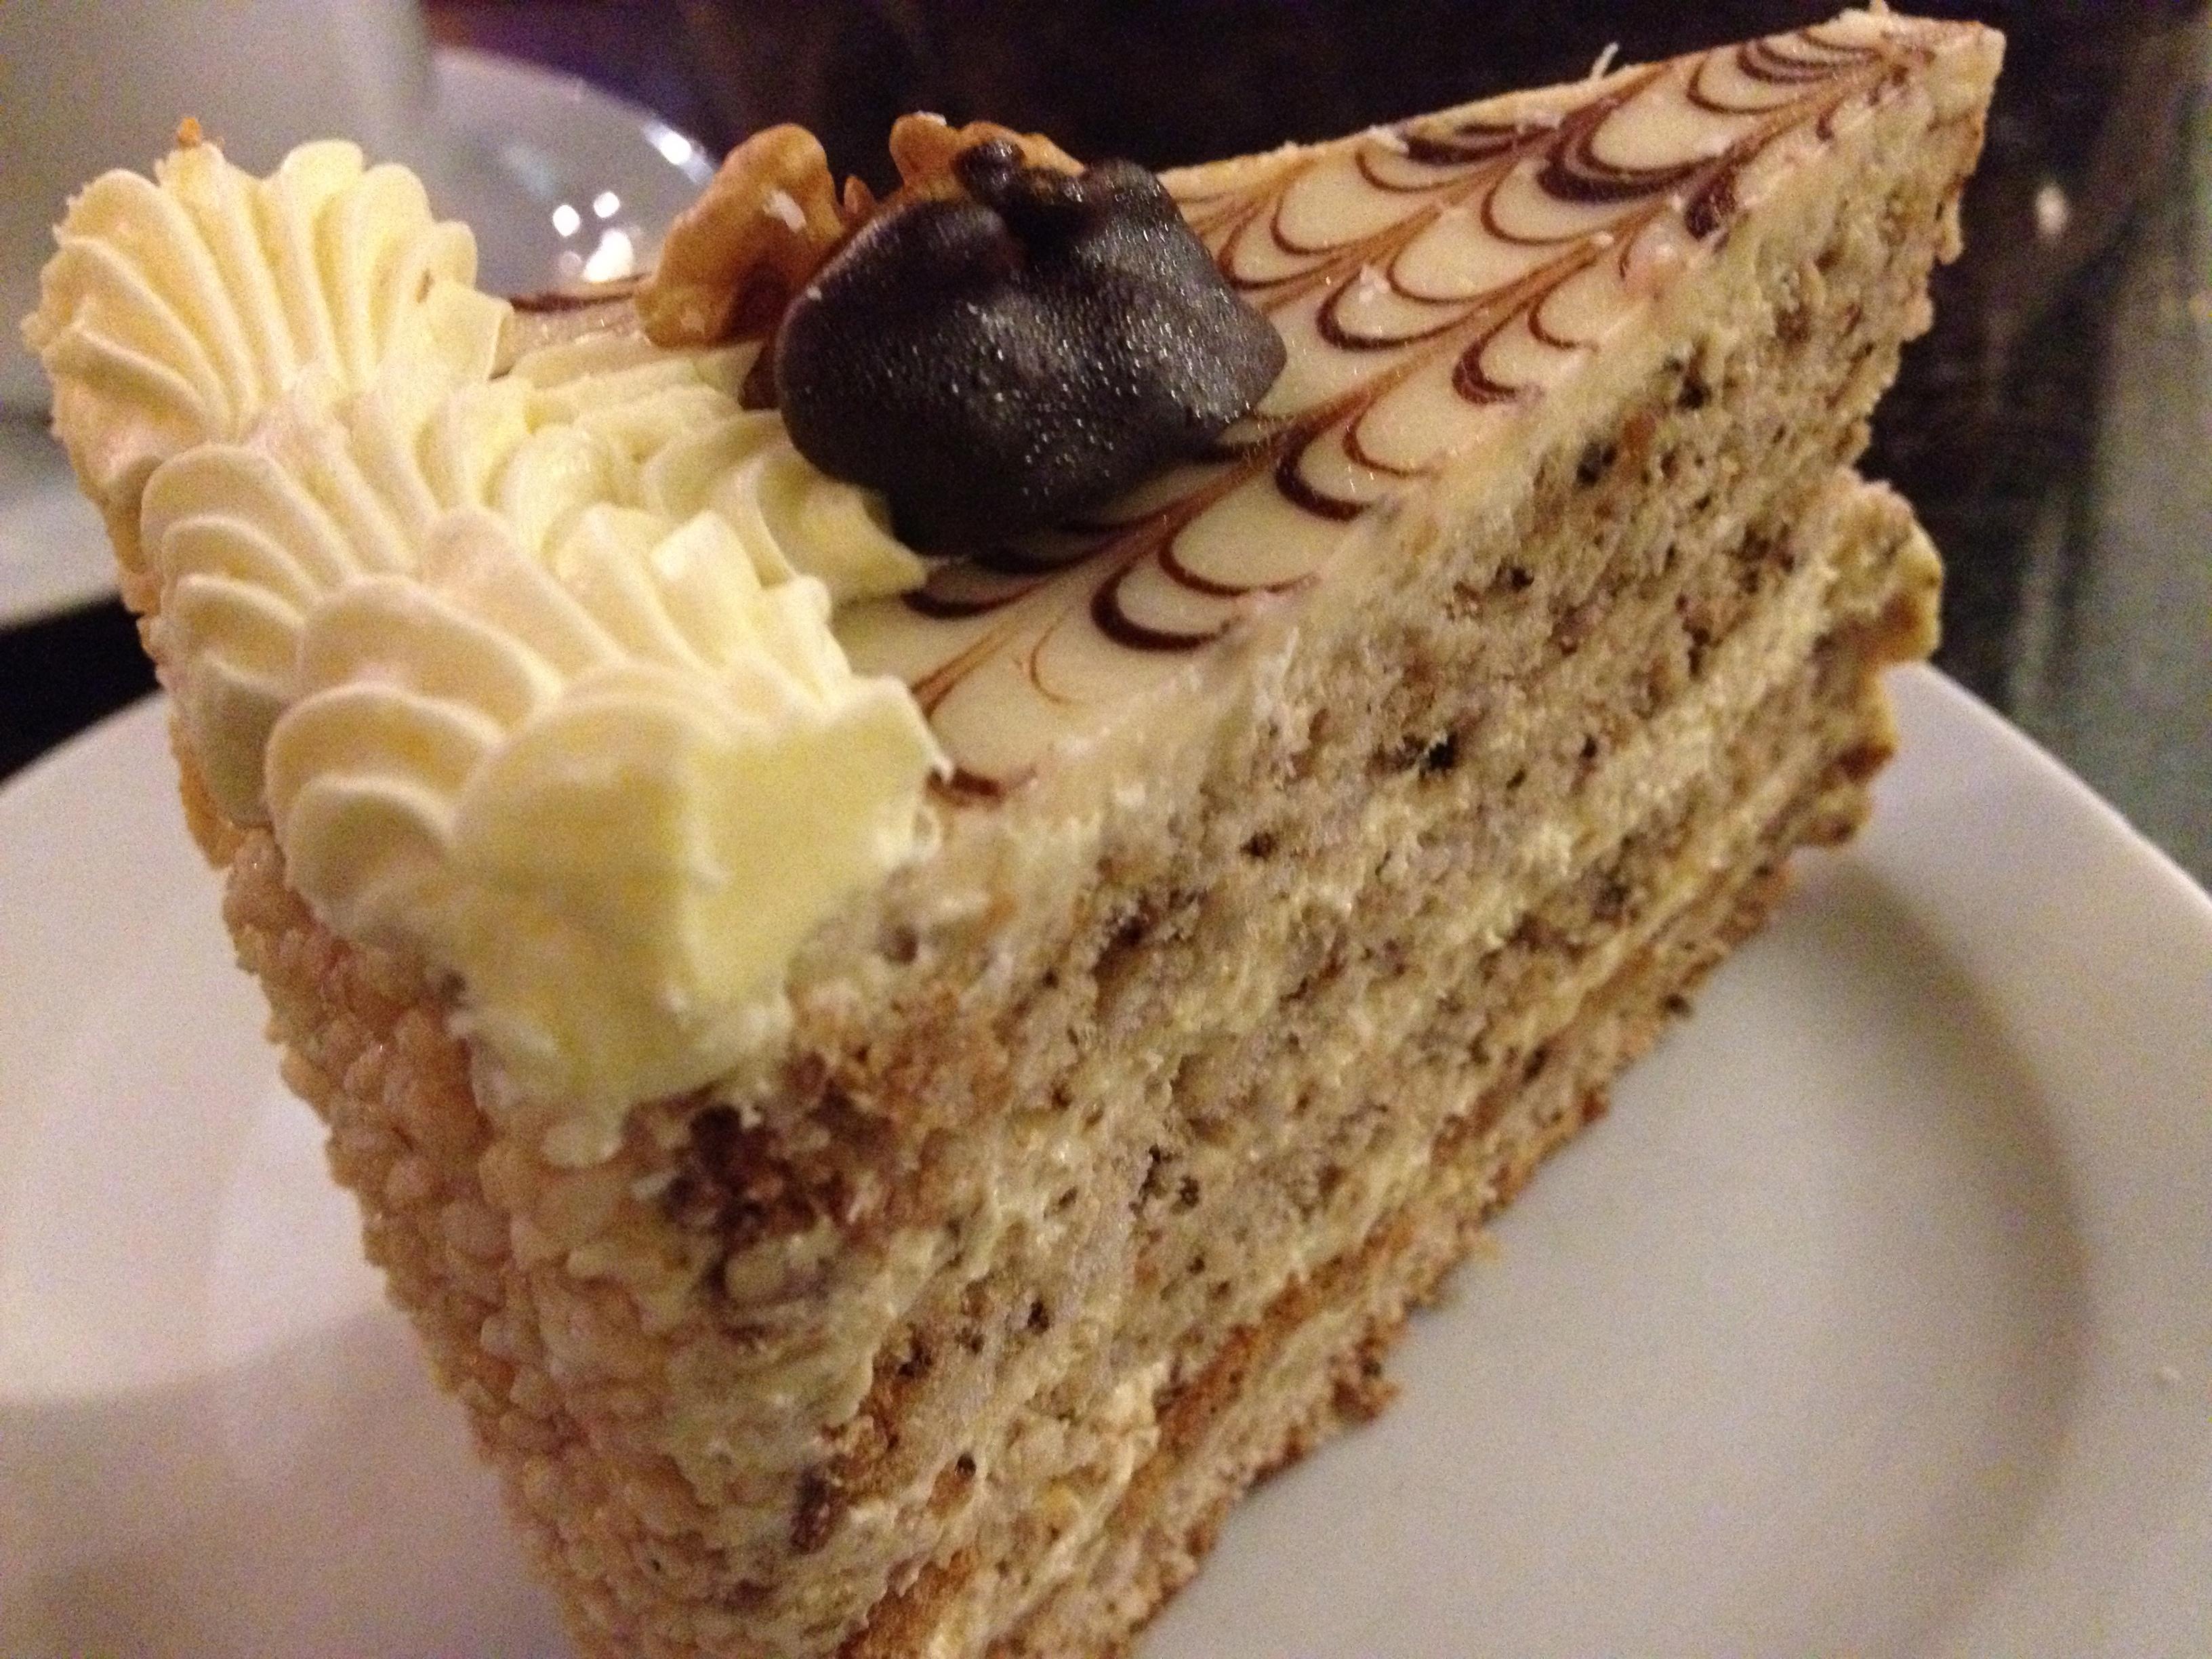 エスターハーズィートルテ~ヘーゼルナッツのケーキ~(オーストリアスイーツ)